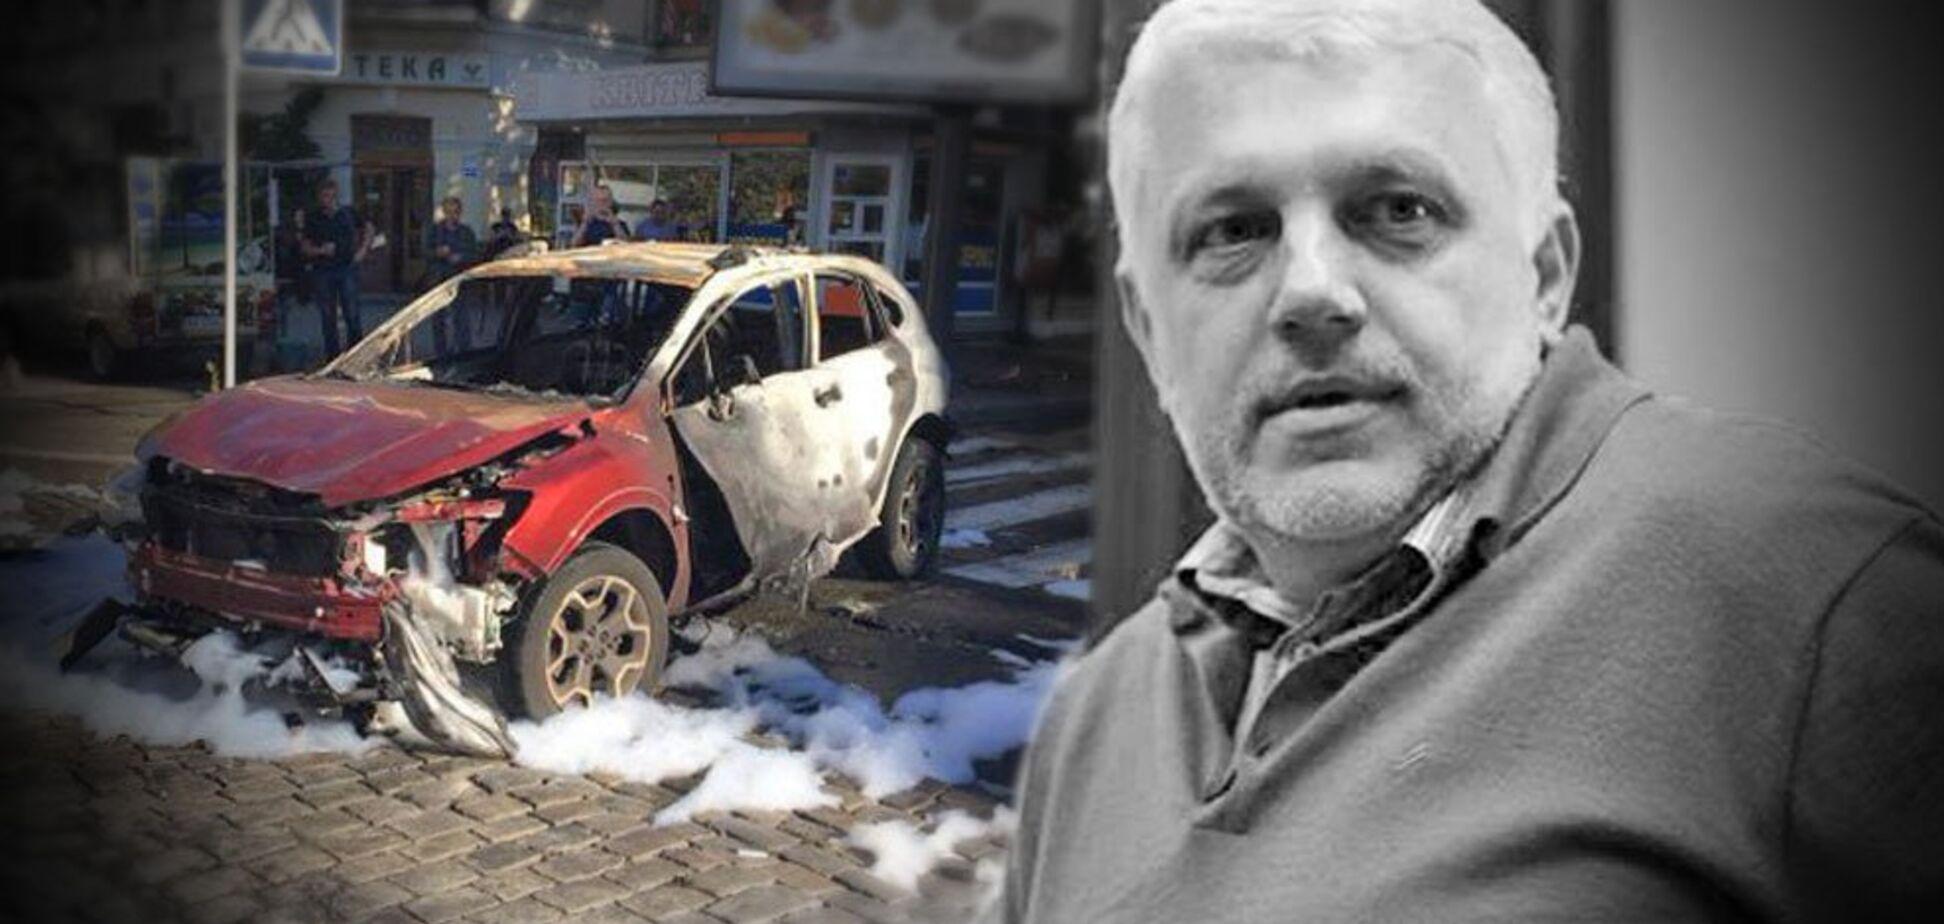 Убийство Шеремета в Киеве: Зеленский заговорил о результате расследования